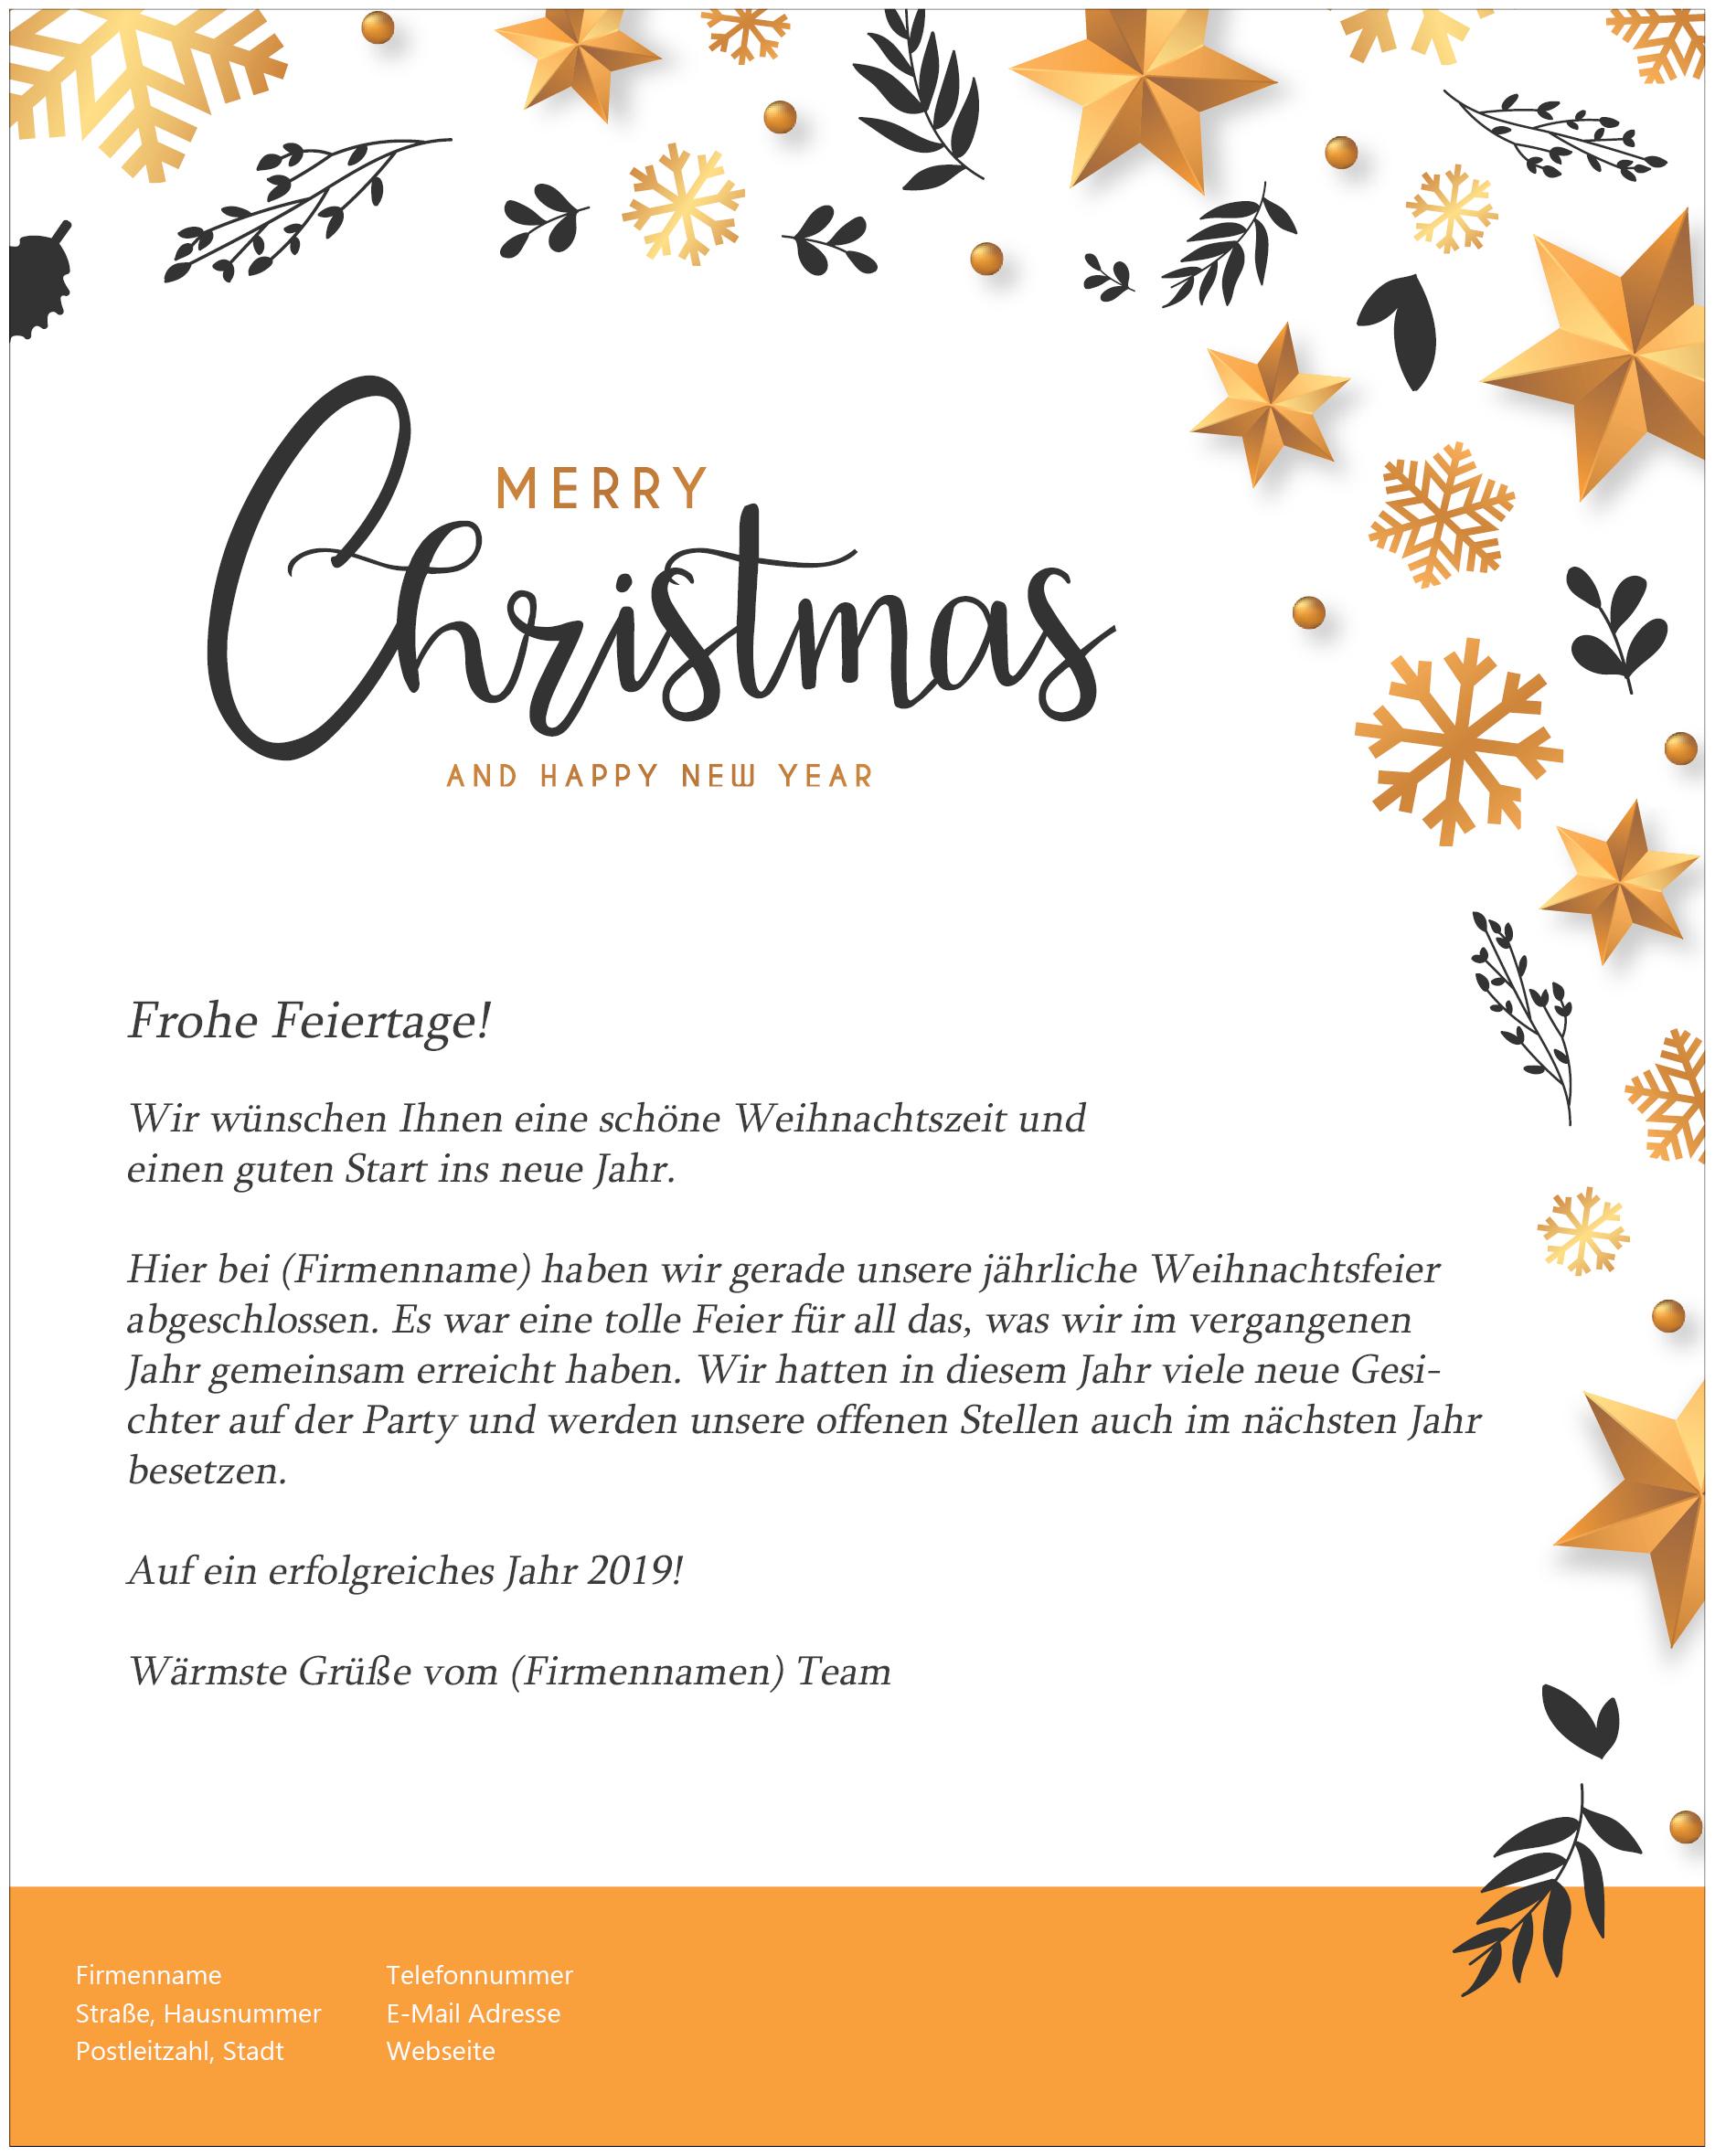 Recruiting zu Weihnachten: 4 Beispiele für weihnachtliche Nurturing-Newsletter